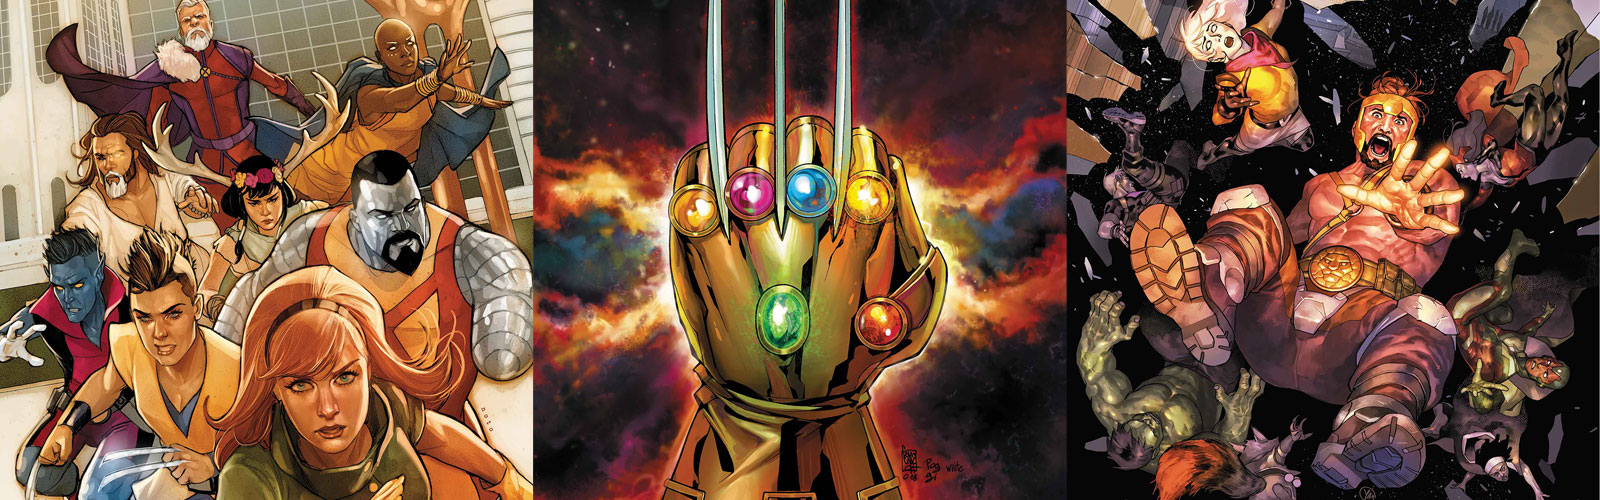 Solicitations: February 2019 – Marvel Comics